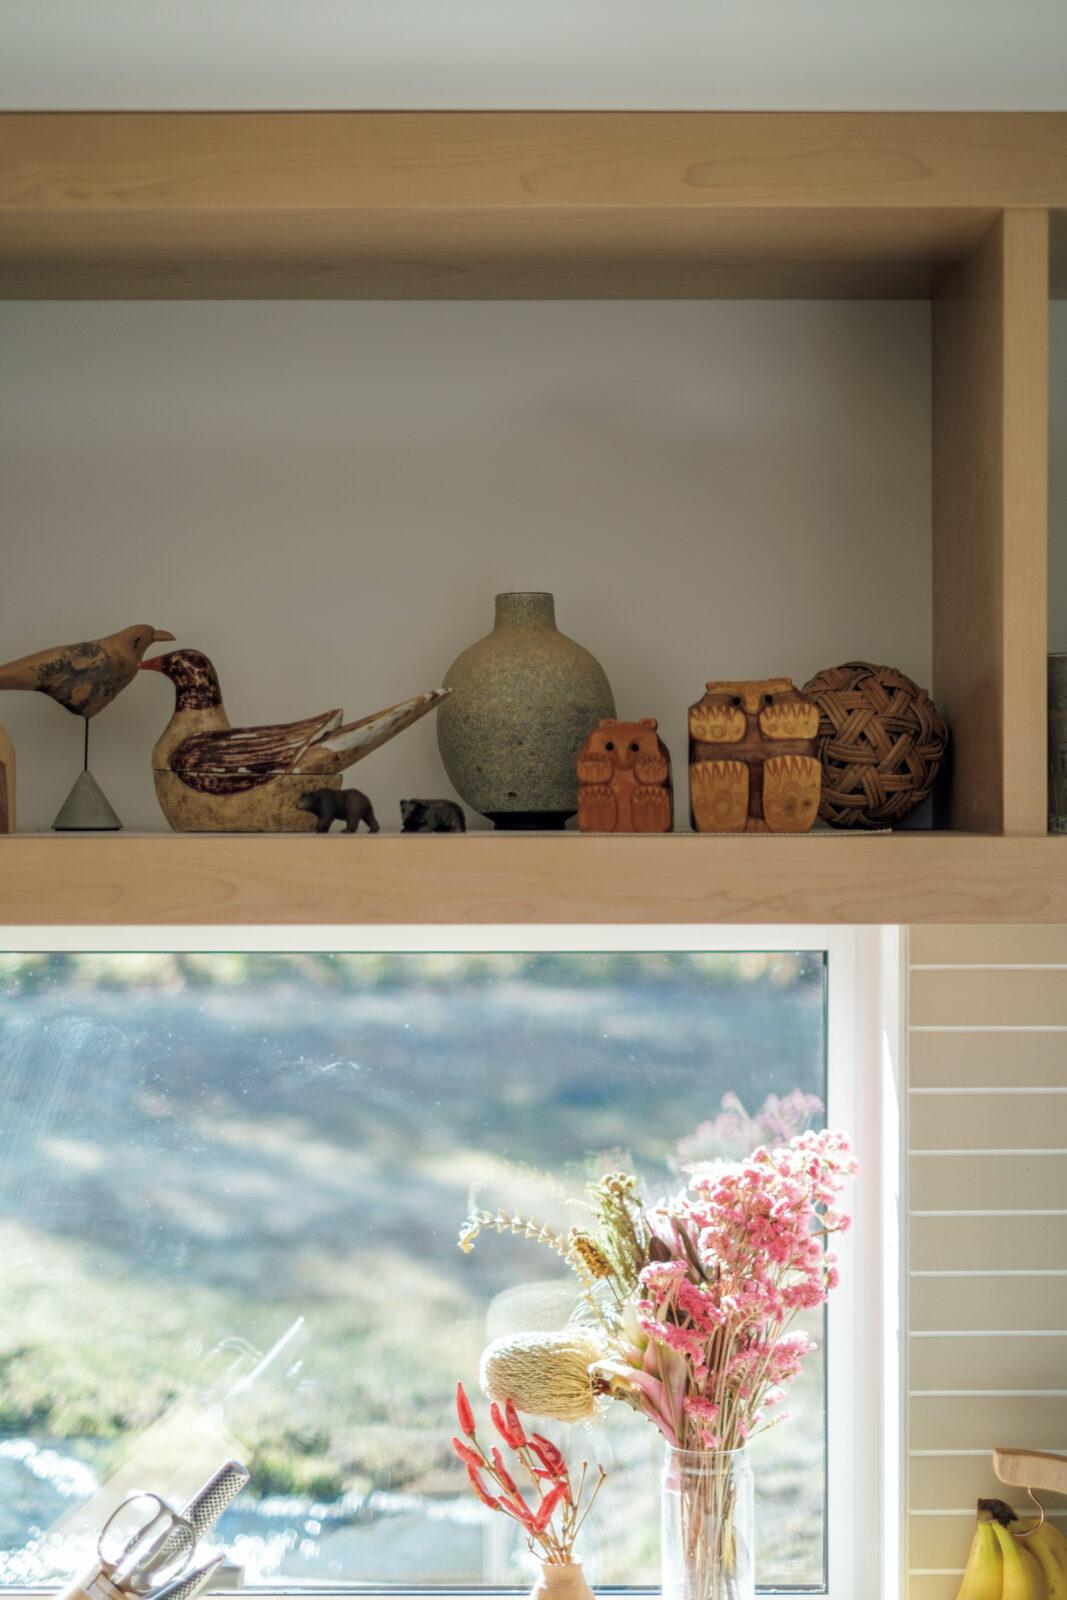 窓からの光がきれいなキッチン。シンク上の棚には、「置物で一番気に入っている」という十勝・足寄町の民芸品「どんころ熊」も。自然に囲まれたこの家に住んでから鳥の置物も増えた。